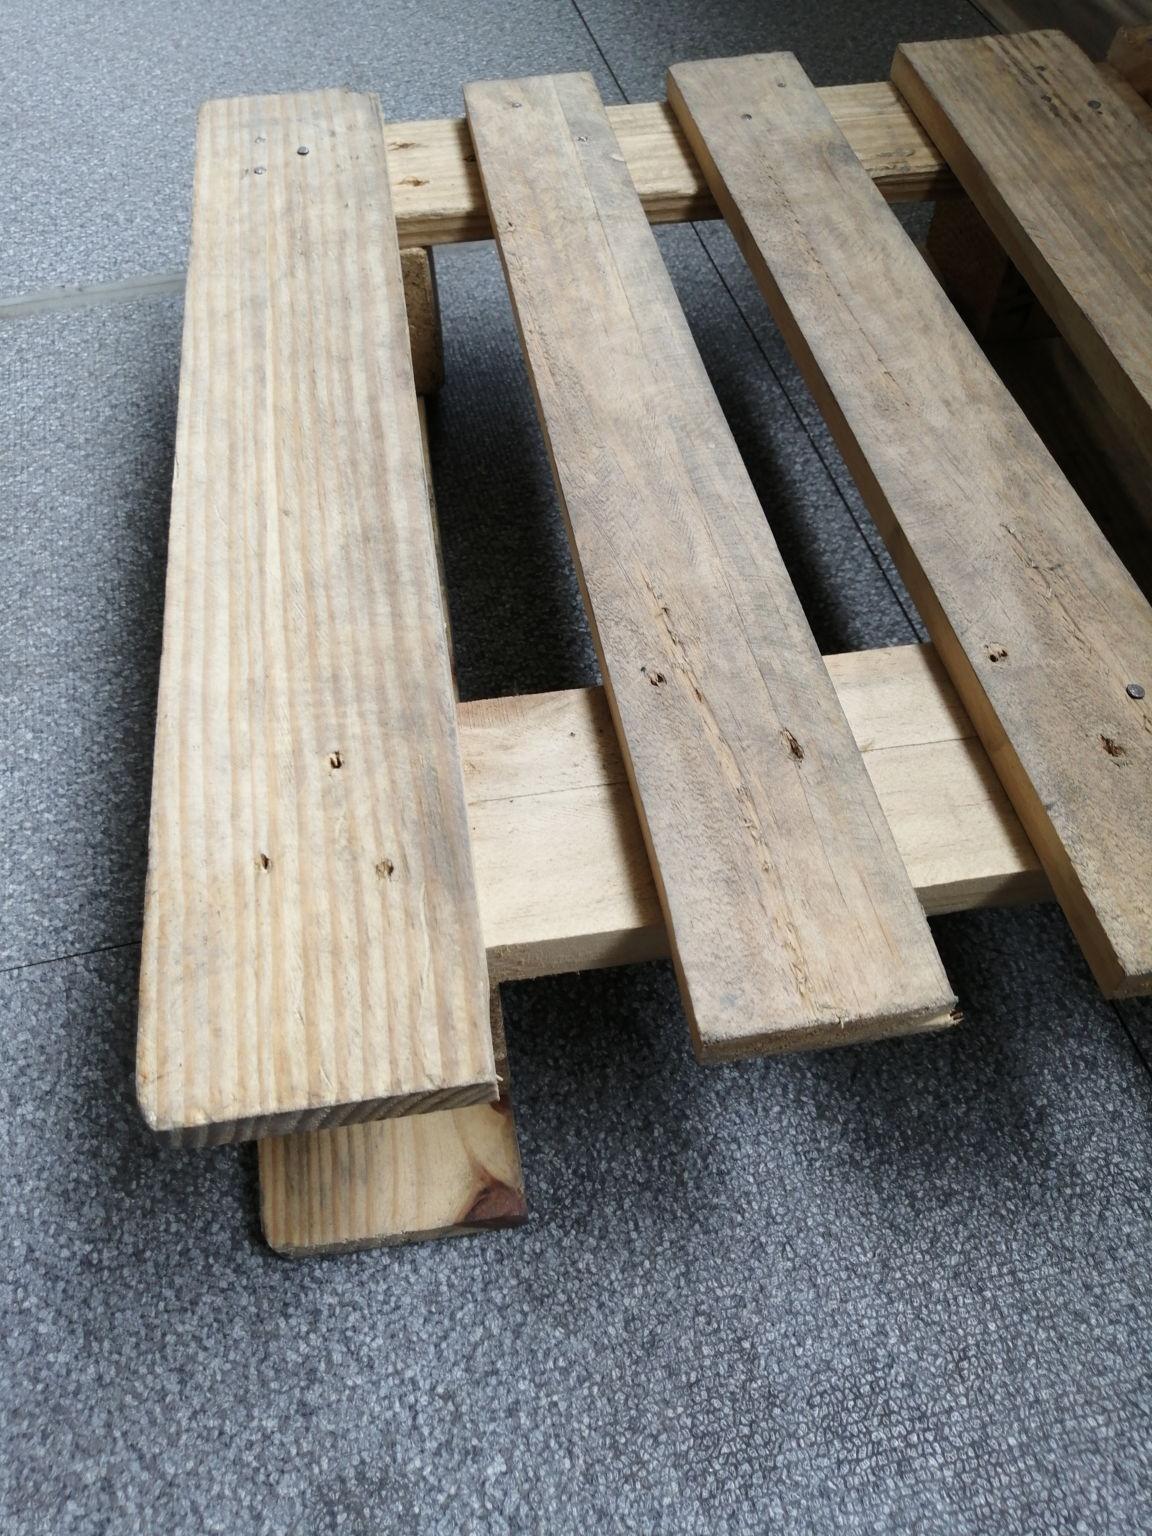 江苏 木胶板-江苏 木胶板批发、促销价??,◖㊇㊚、产地货源